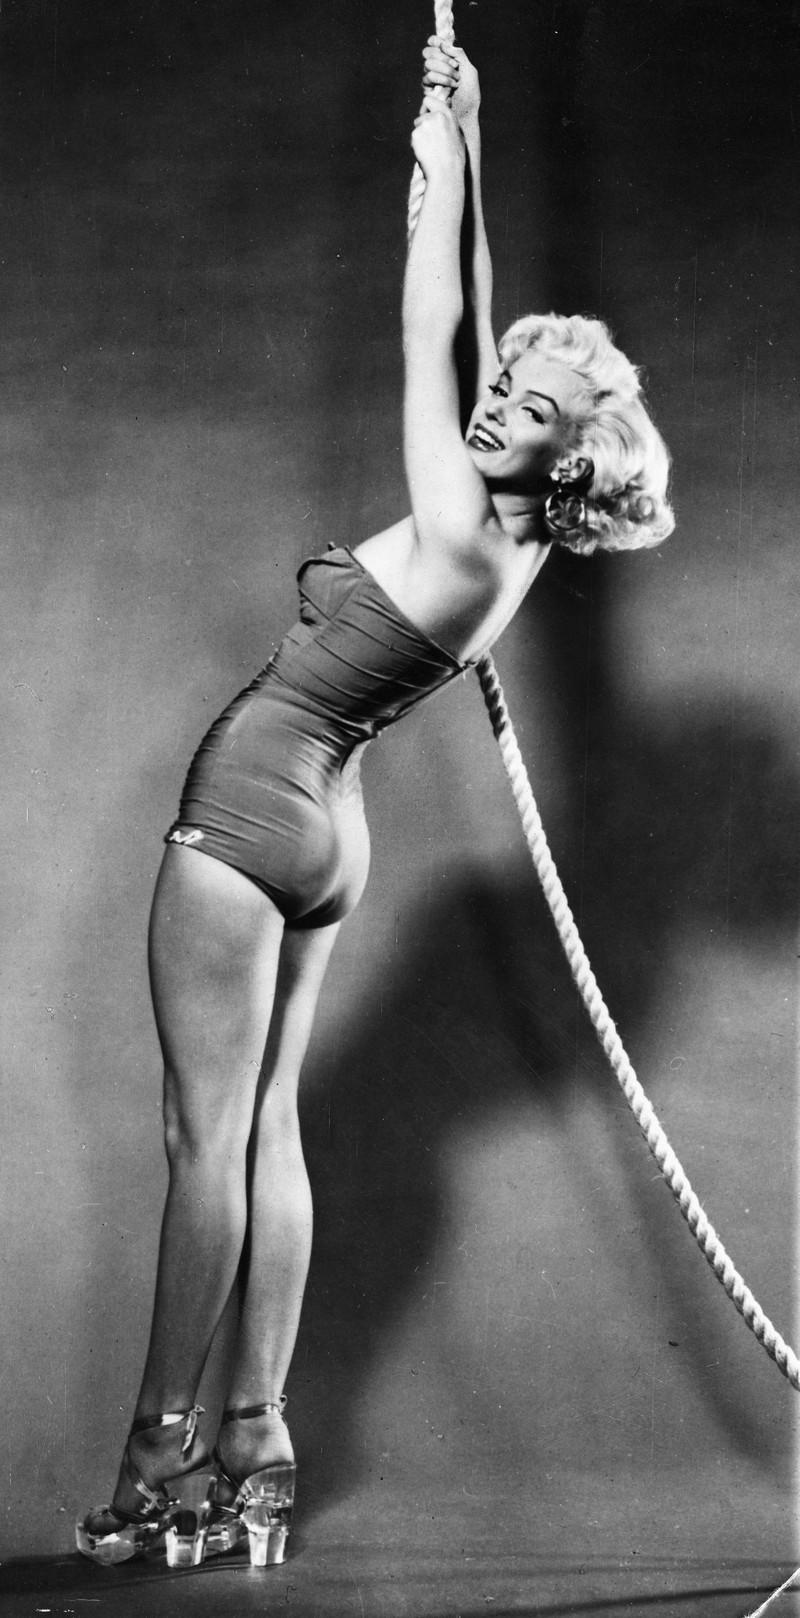 Die geheimnisvolle Marilyn Monroe